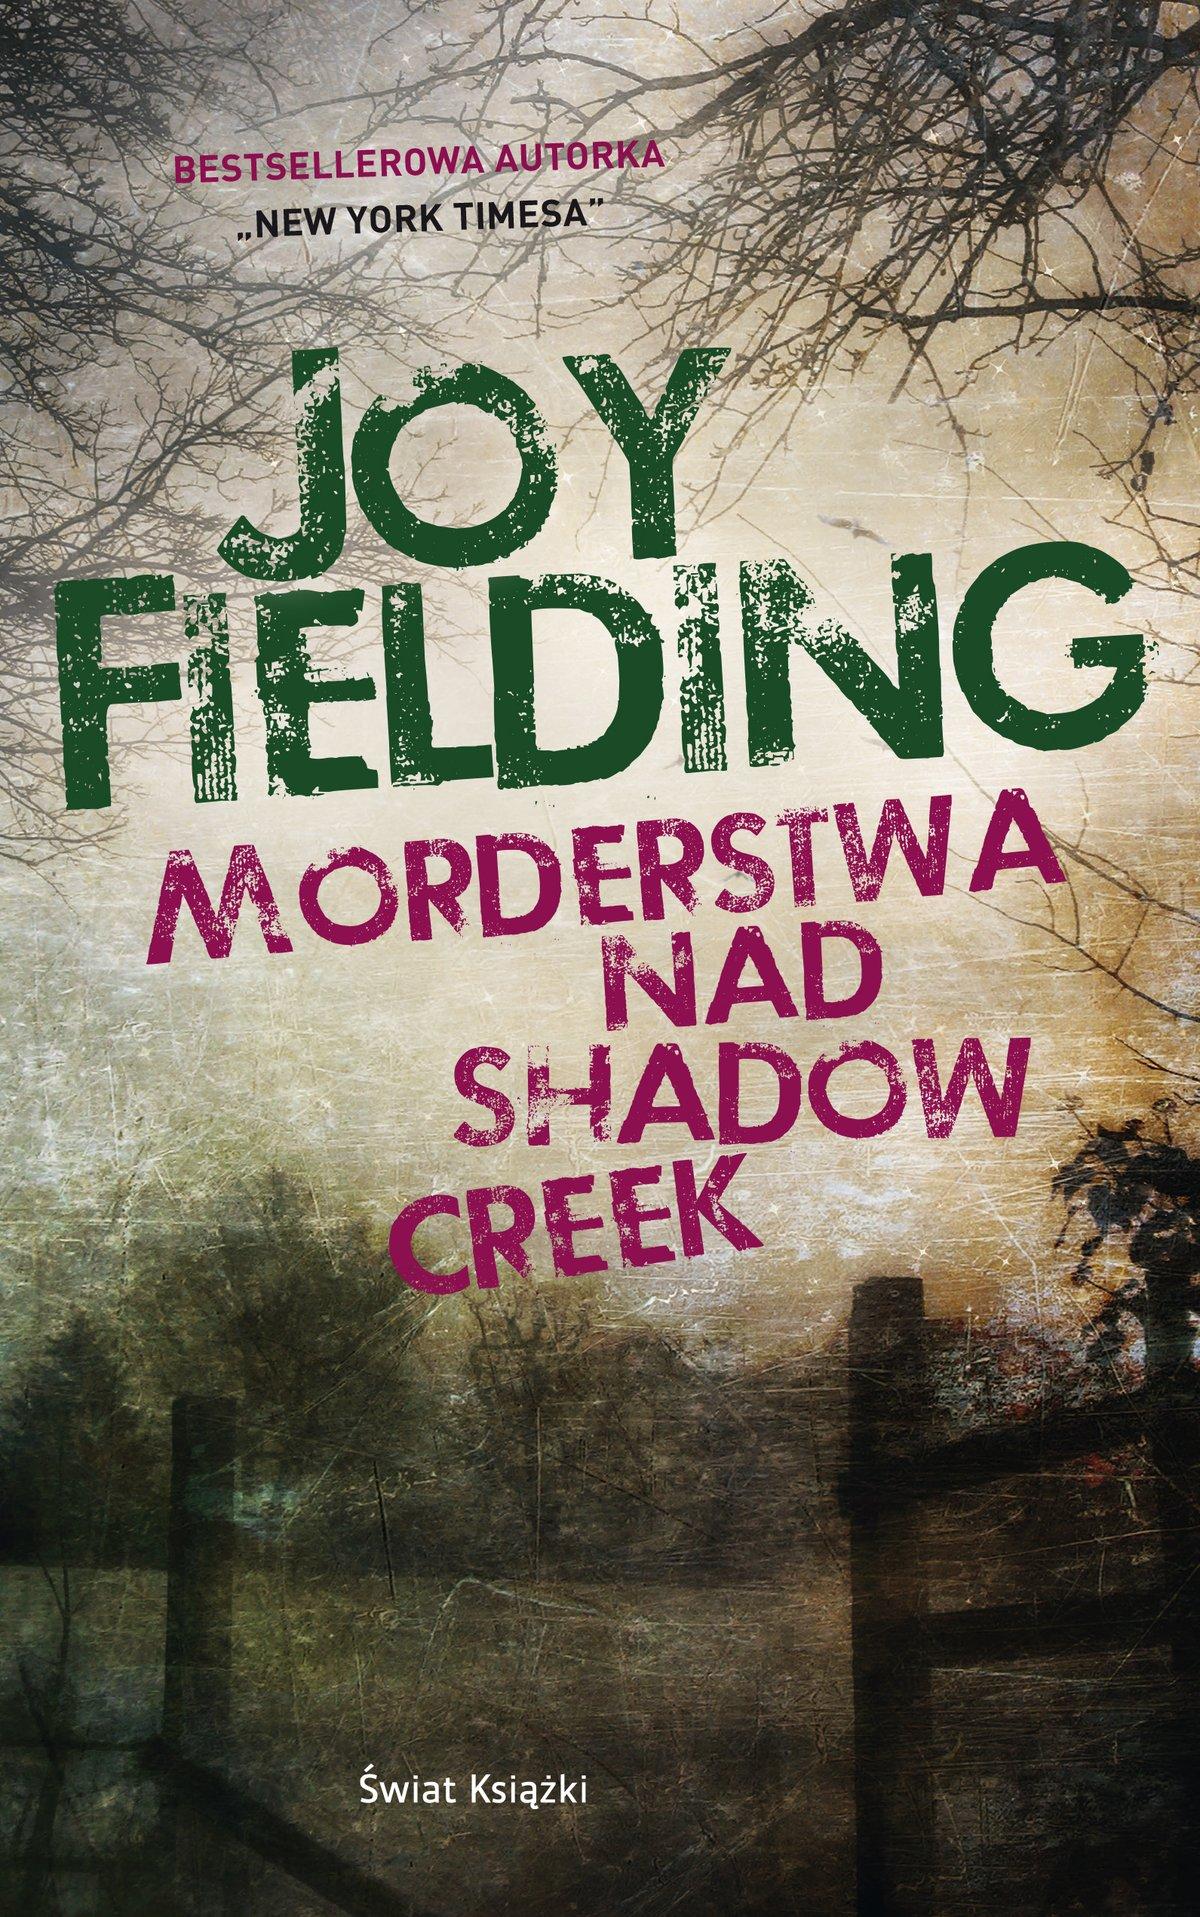 Morderstwa nad Shadow Creek - Ebook (Książka EPUB) do pobrania w formacie EPUB